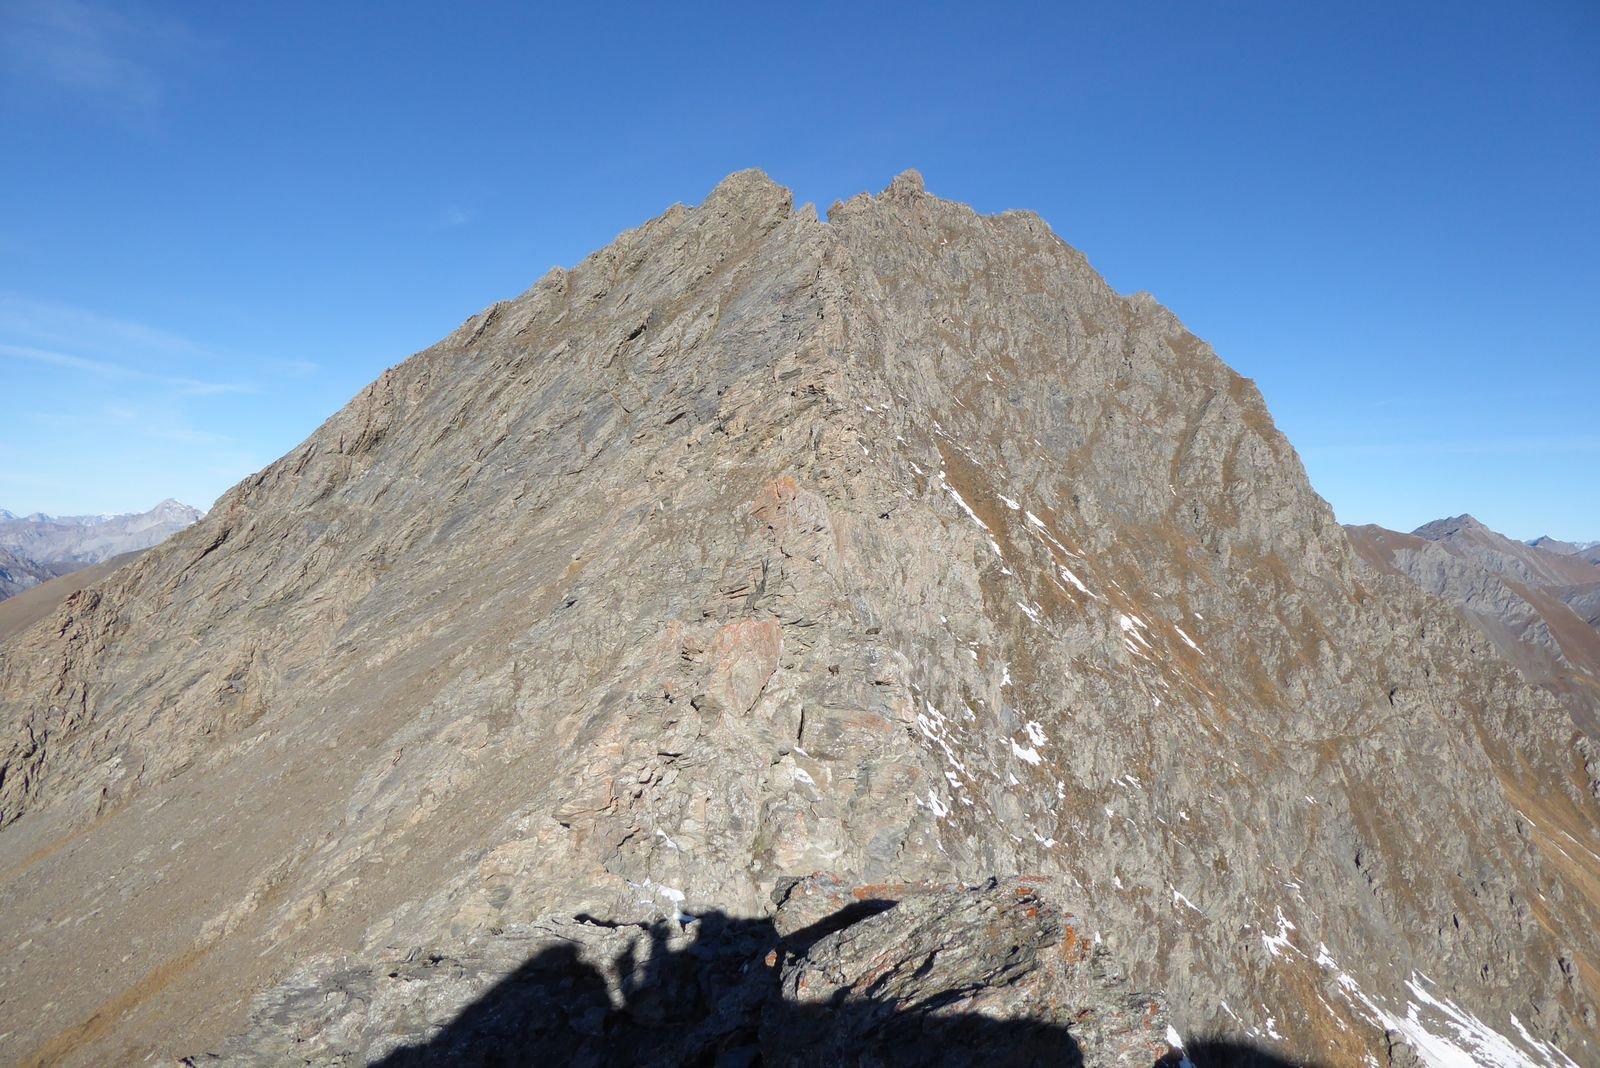 la cresta vista dai pressi del colle di rodoretto